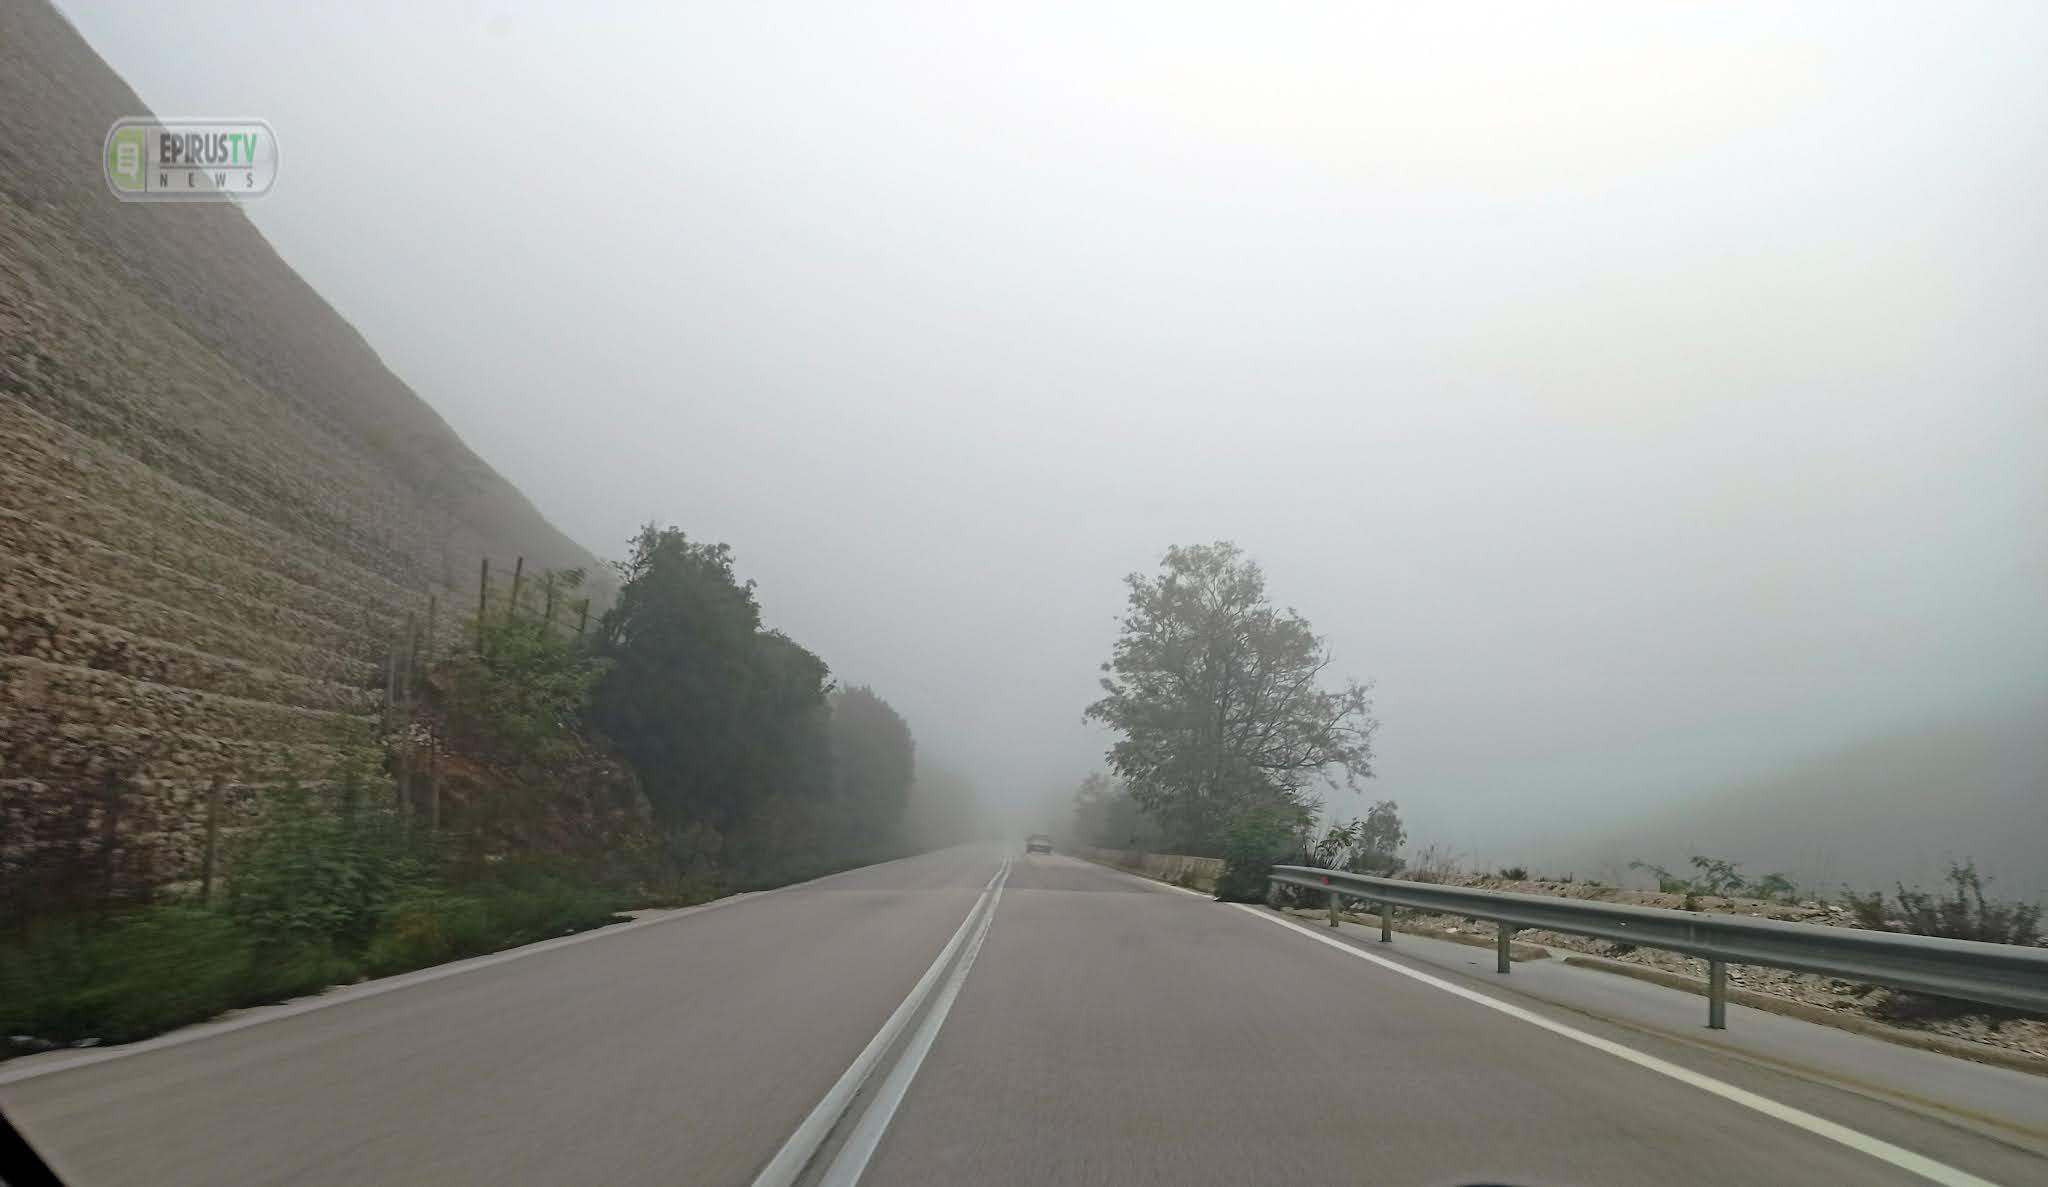 Ιωάννινα:Η ομίχλη στο οδικό δίκτυο   ταλαιπωρεί τους οδηγούς